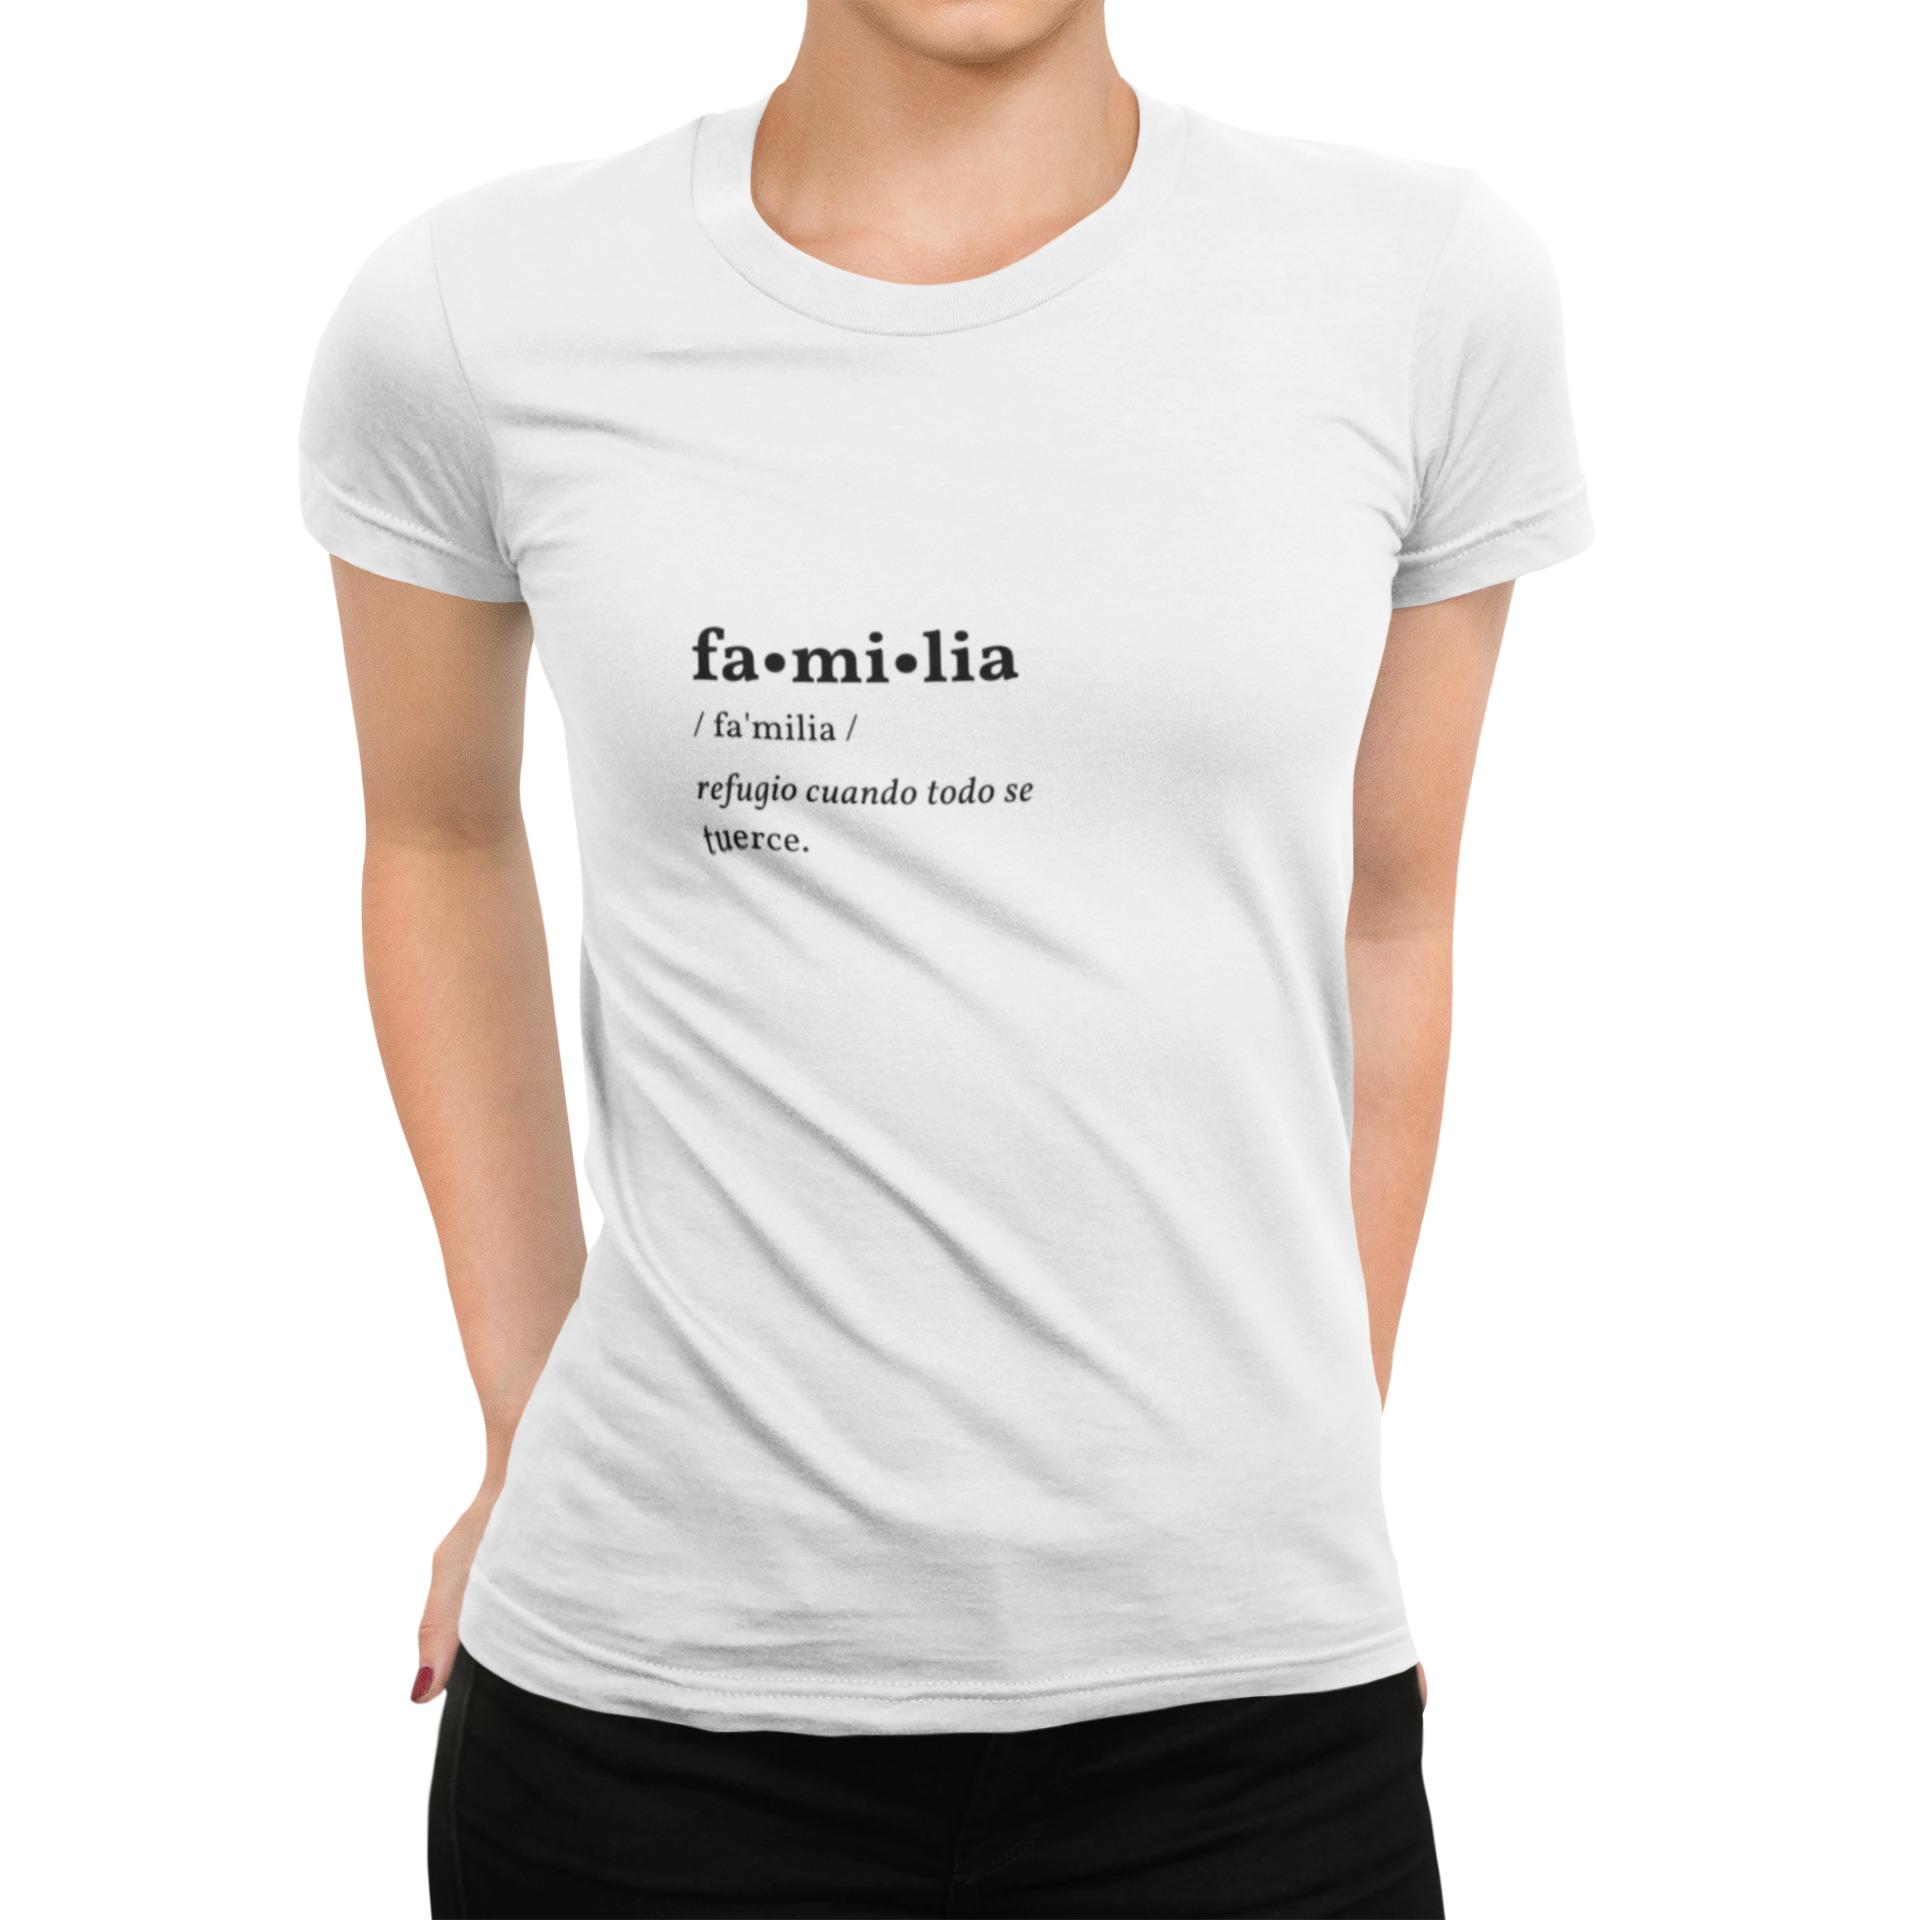 Pandemia De Valores FAMILIA camiseta Camisetas